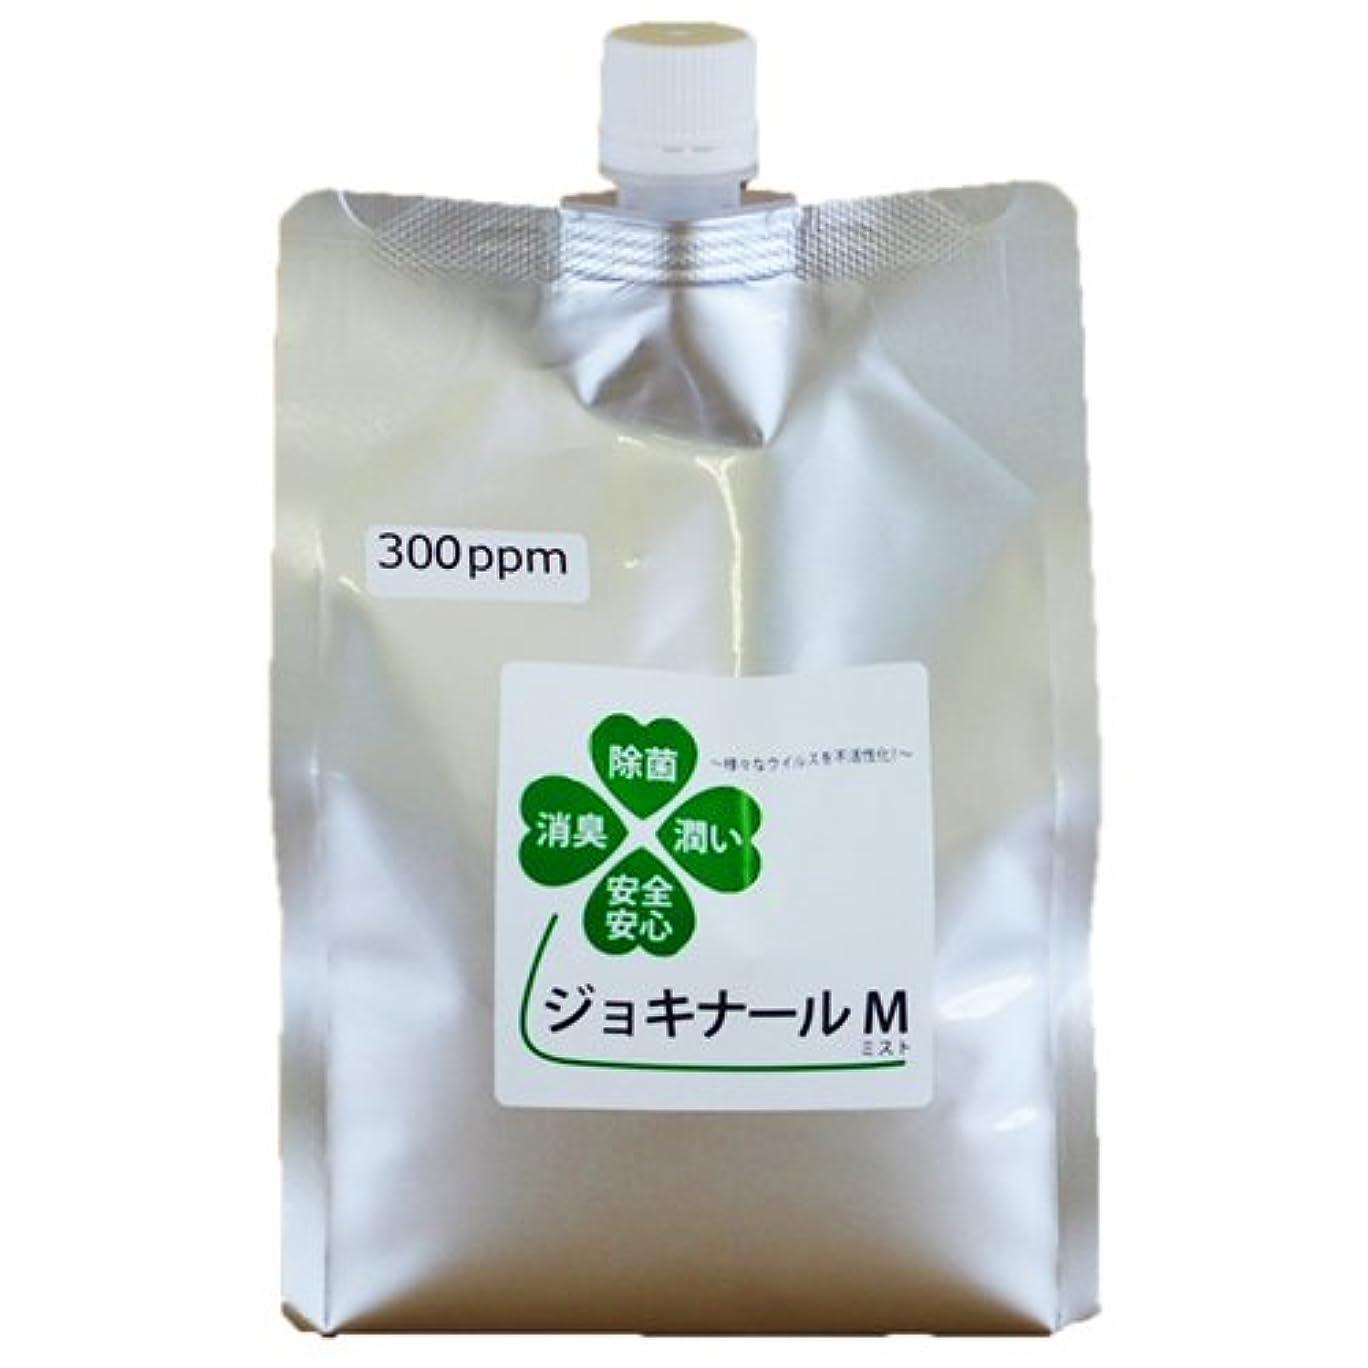 助手親強います除菌 消臭剤 ジョキナールM 溶液(300PPM) 1Lパック 単品